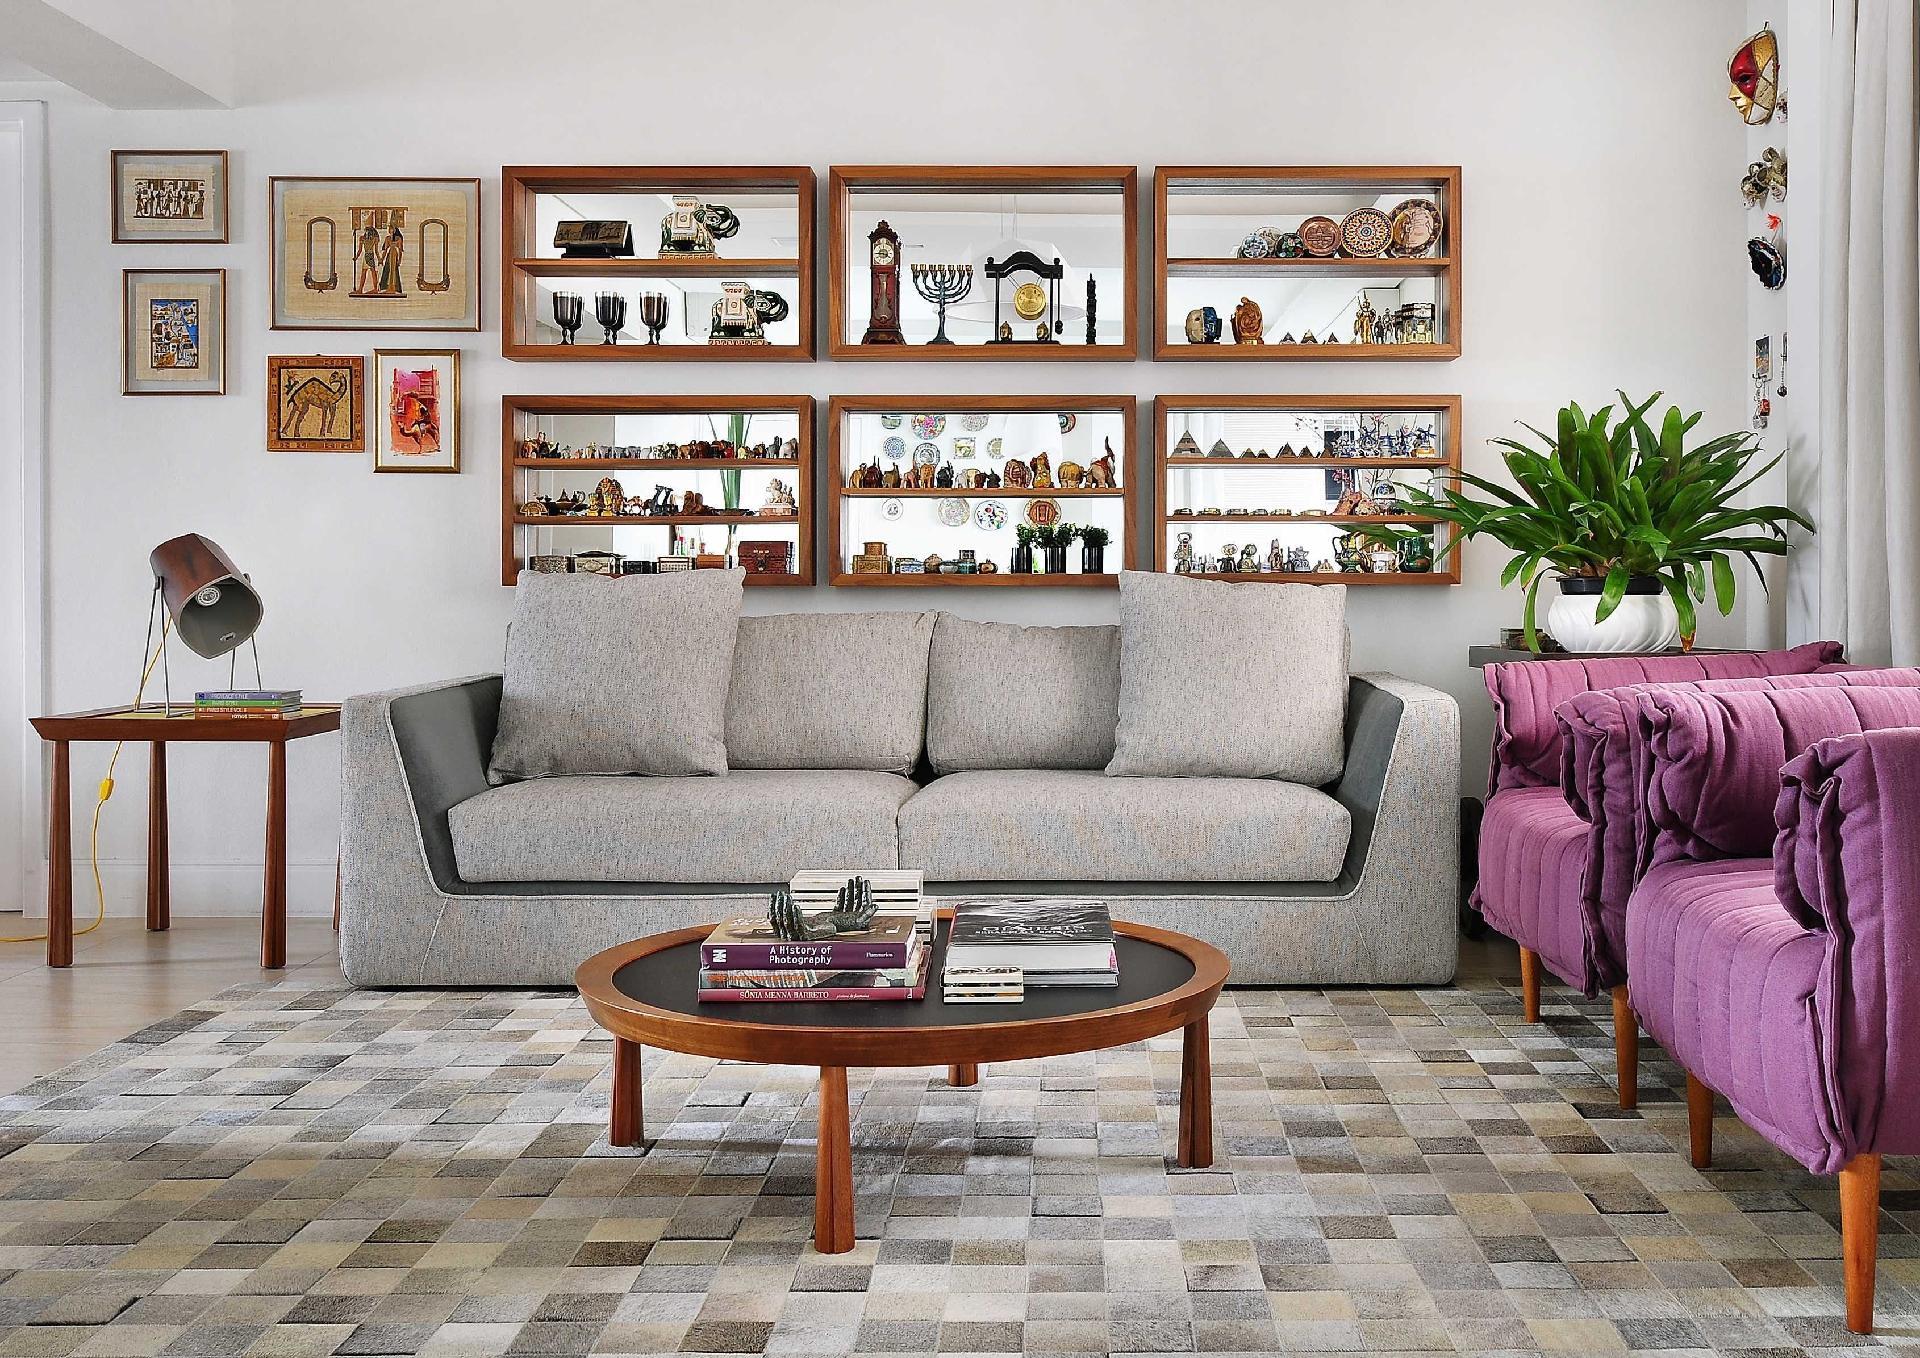 2f8f3d321 Fotos: 20 ideias de como aproveitar coleções pessoais na decoração ...